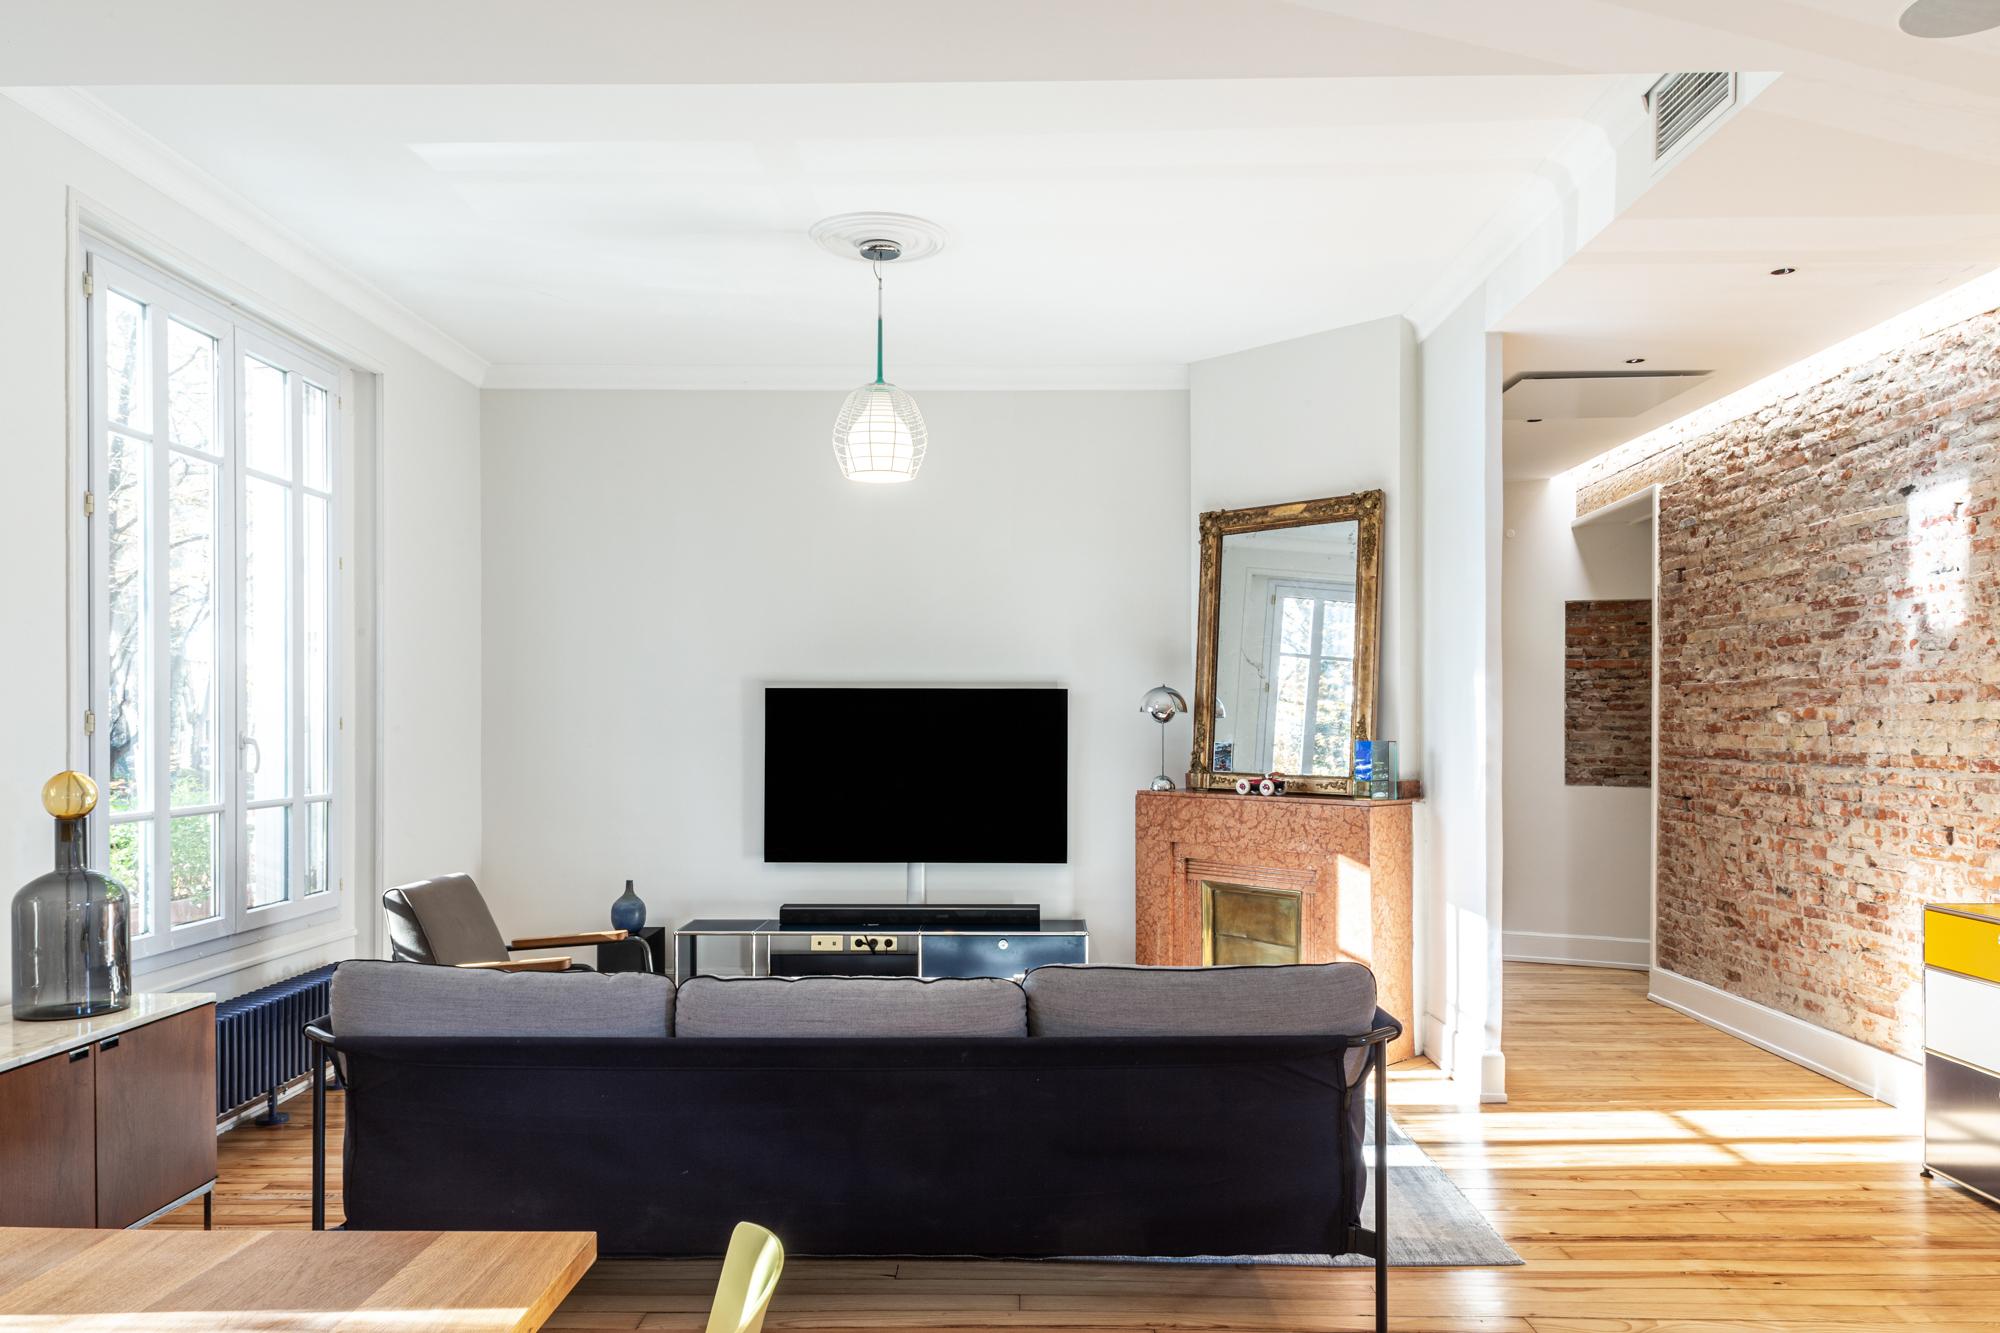 Grand salon dans un appartement toulousain. Photographie d'intérieur pour présenter le design et la décoration